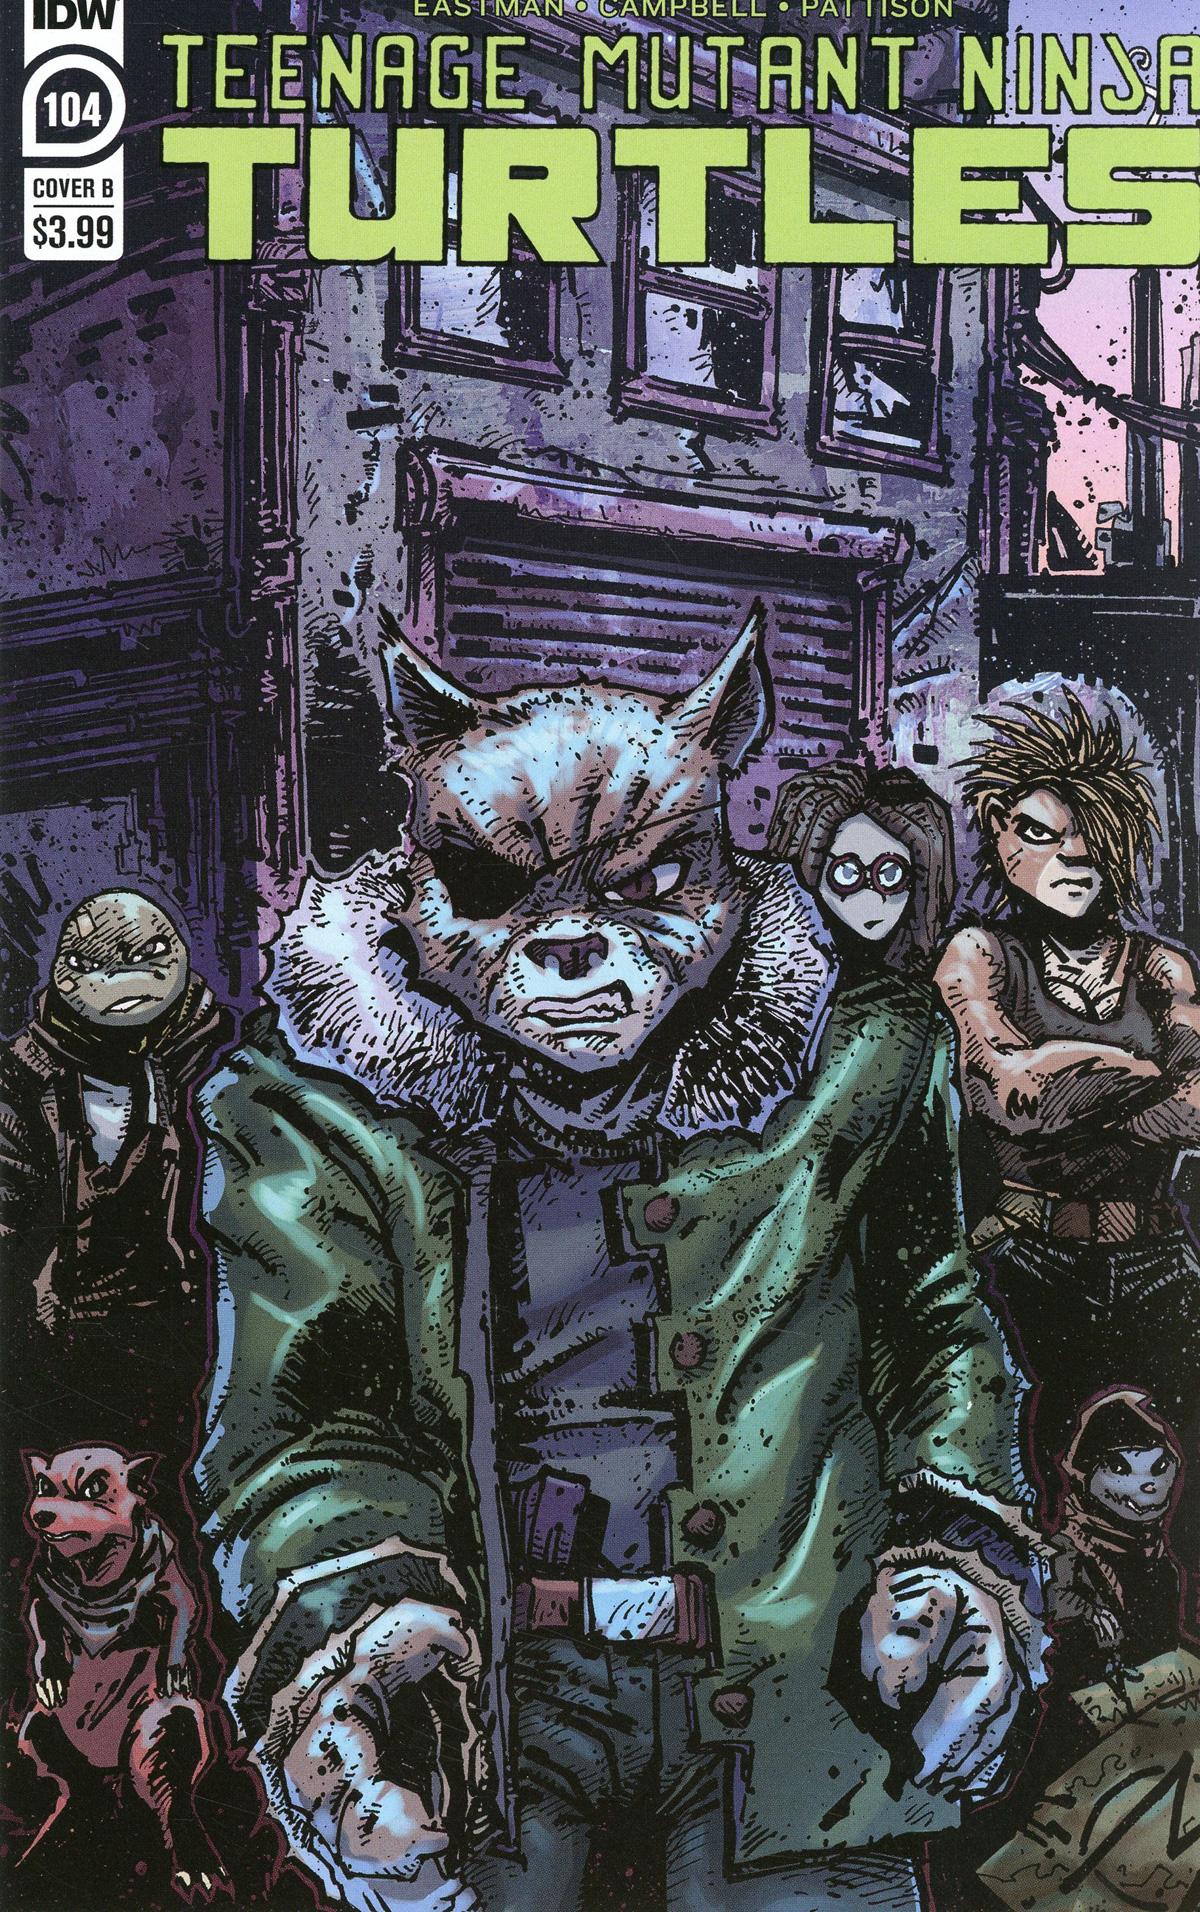 Teenage Mutant Ninja Turtles Vol 5 #104 Cover B Variant Kevin Eastman Cover